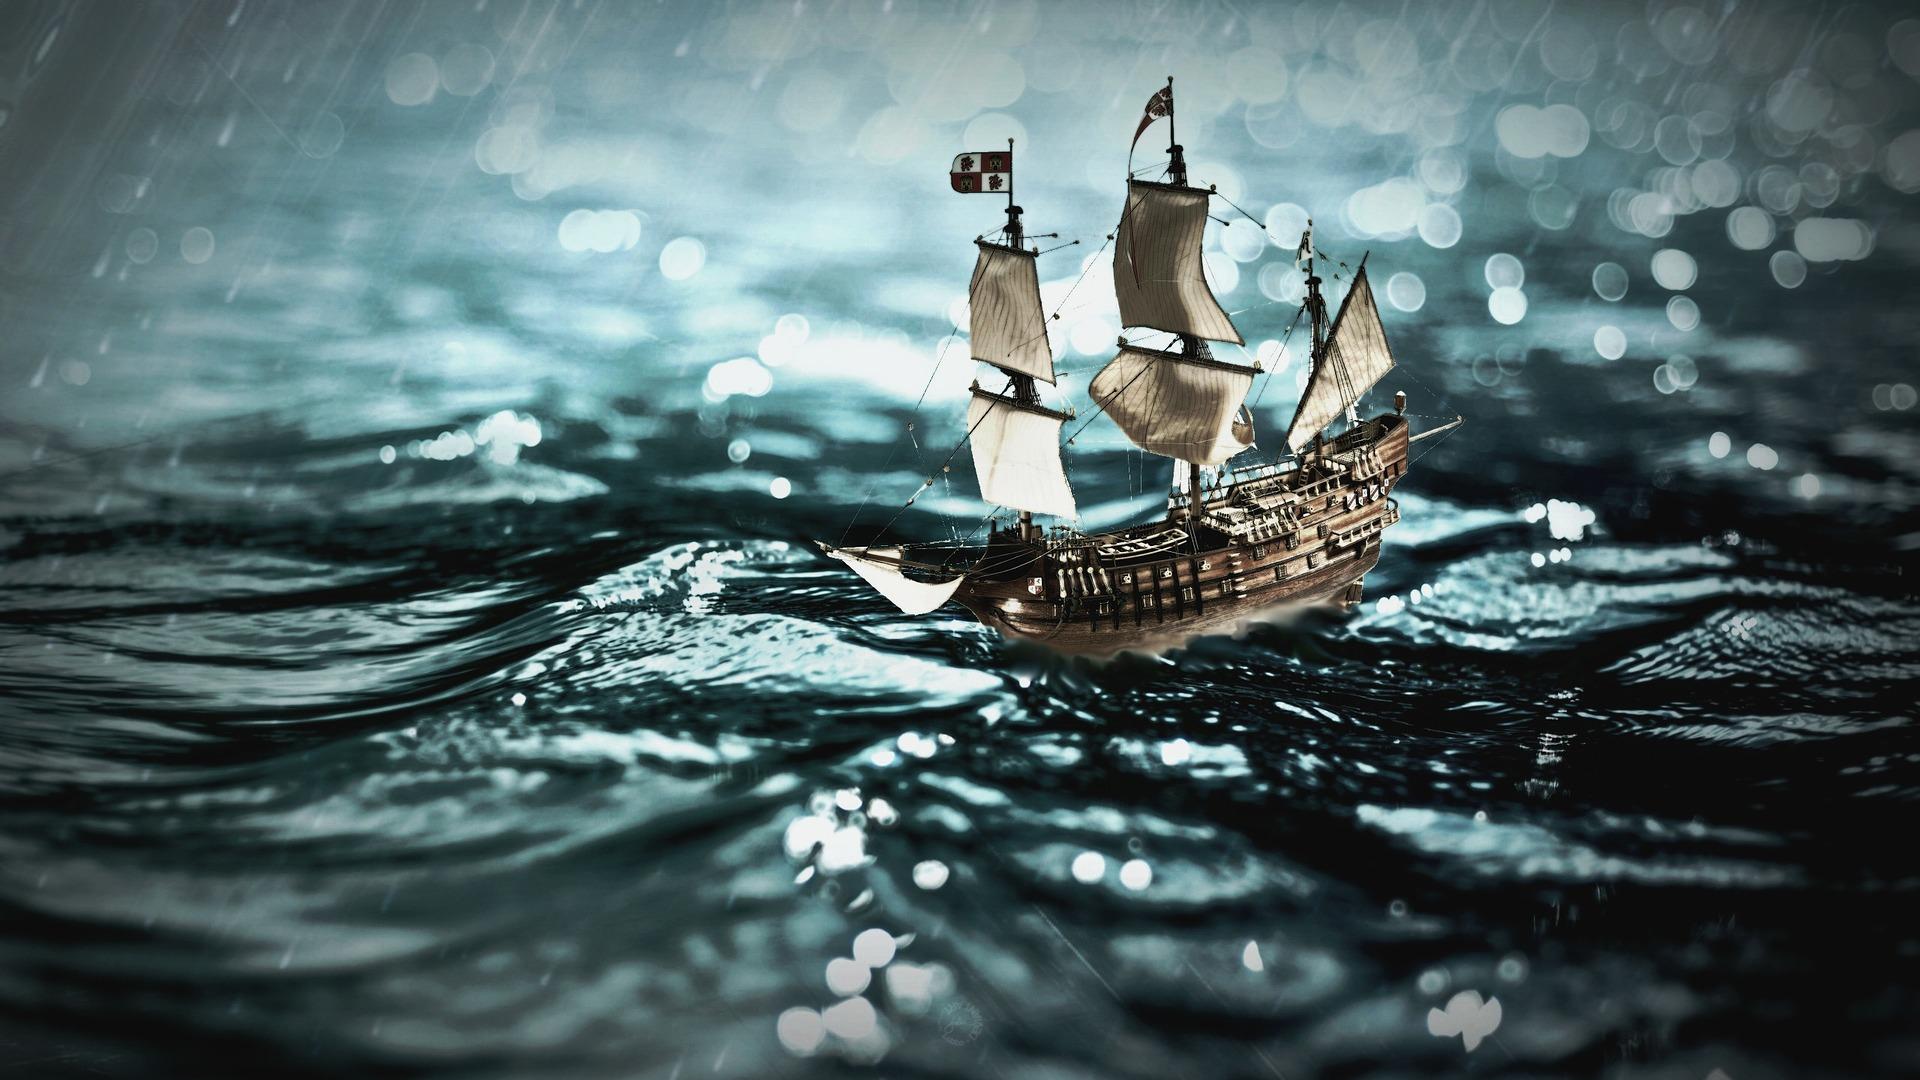 オススメ! ペーパークラフト作品「ペーパーナノキット 海賊船」を作ってみての感想